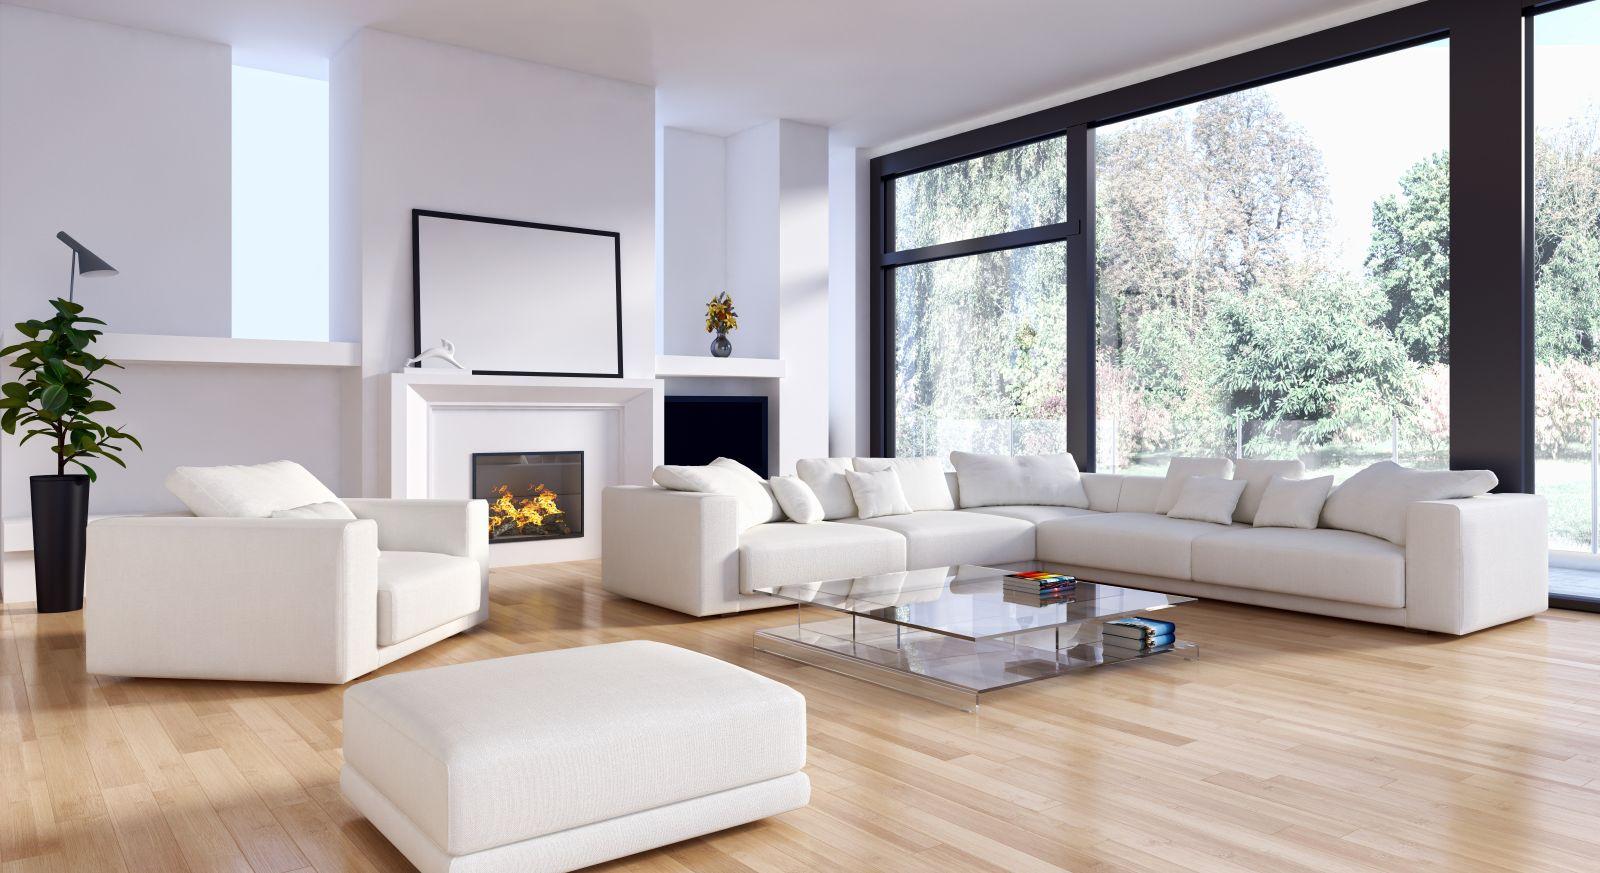 une nouvelle décoration d'intérieur mieux adaptée à vos goûts   idf